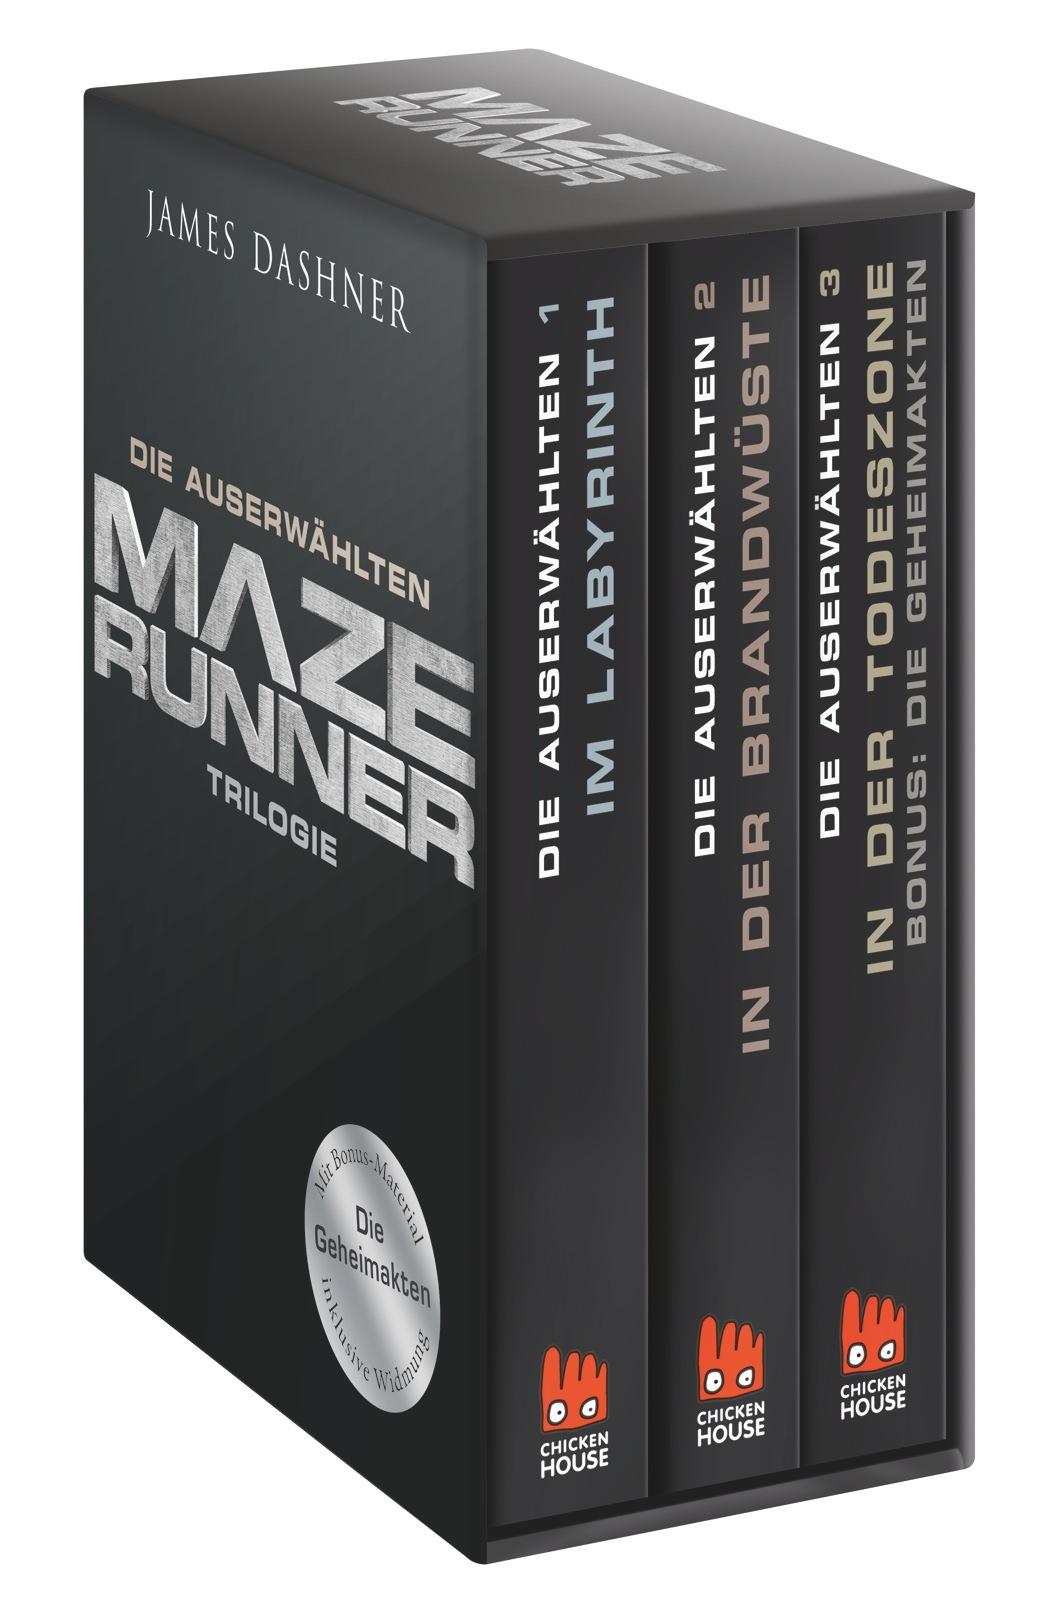 Maze Runner-Trilogie: Die Auserwählten - James Dashner [3 Bände]